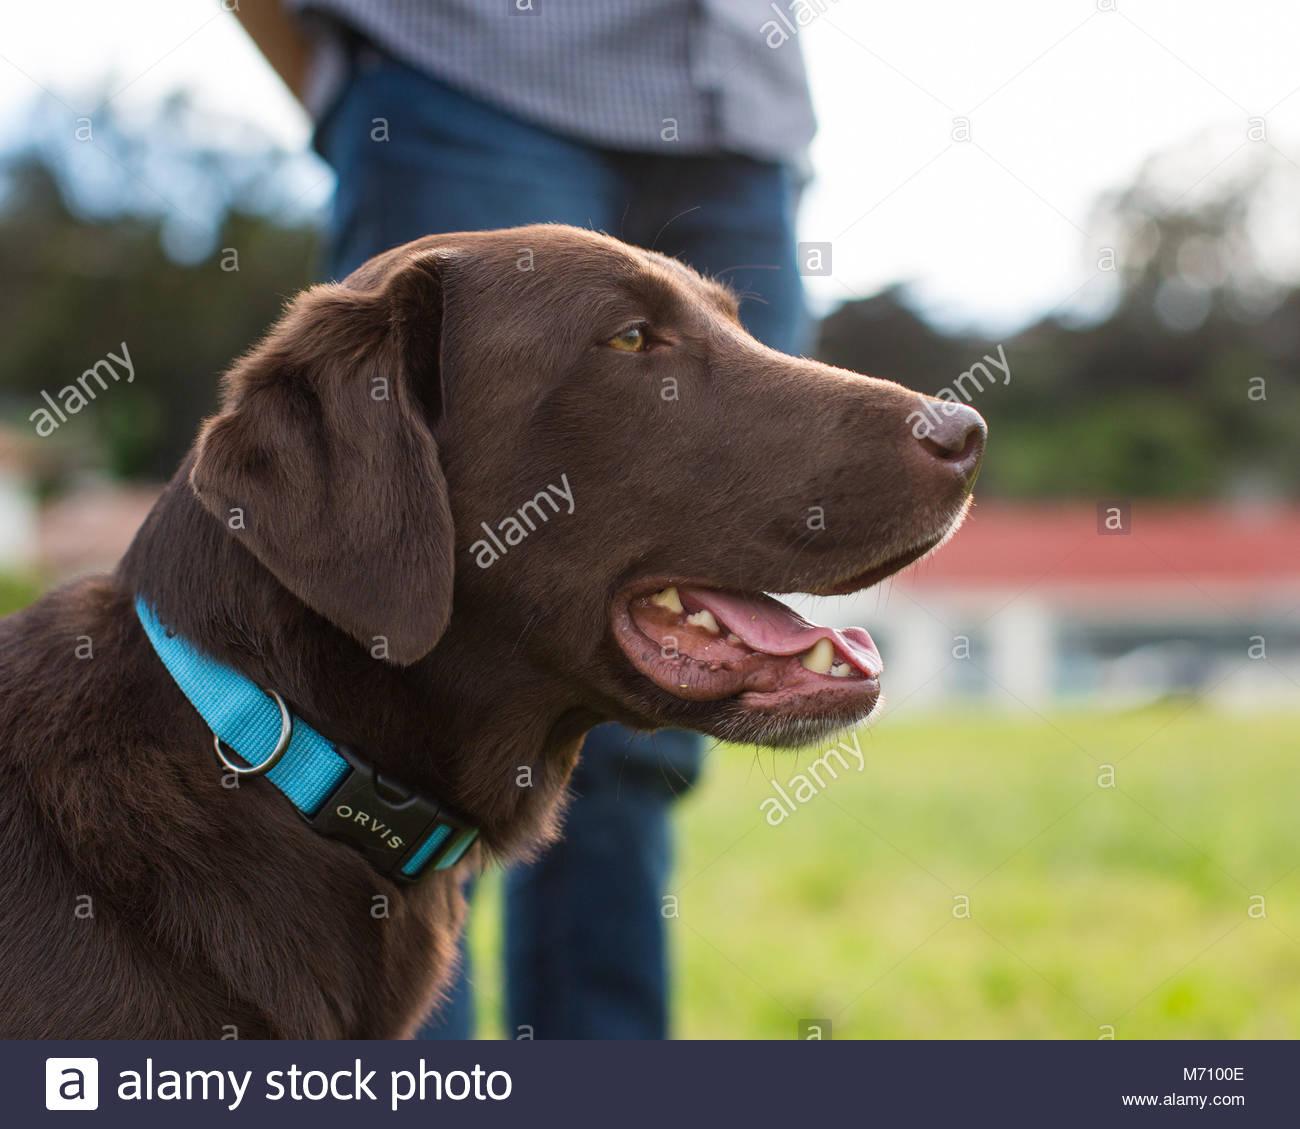 In der Nähe von Brown Chocolate Labrador Hund im Profil weiter weiter in Jeans auf den Menschen Stockbild